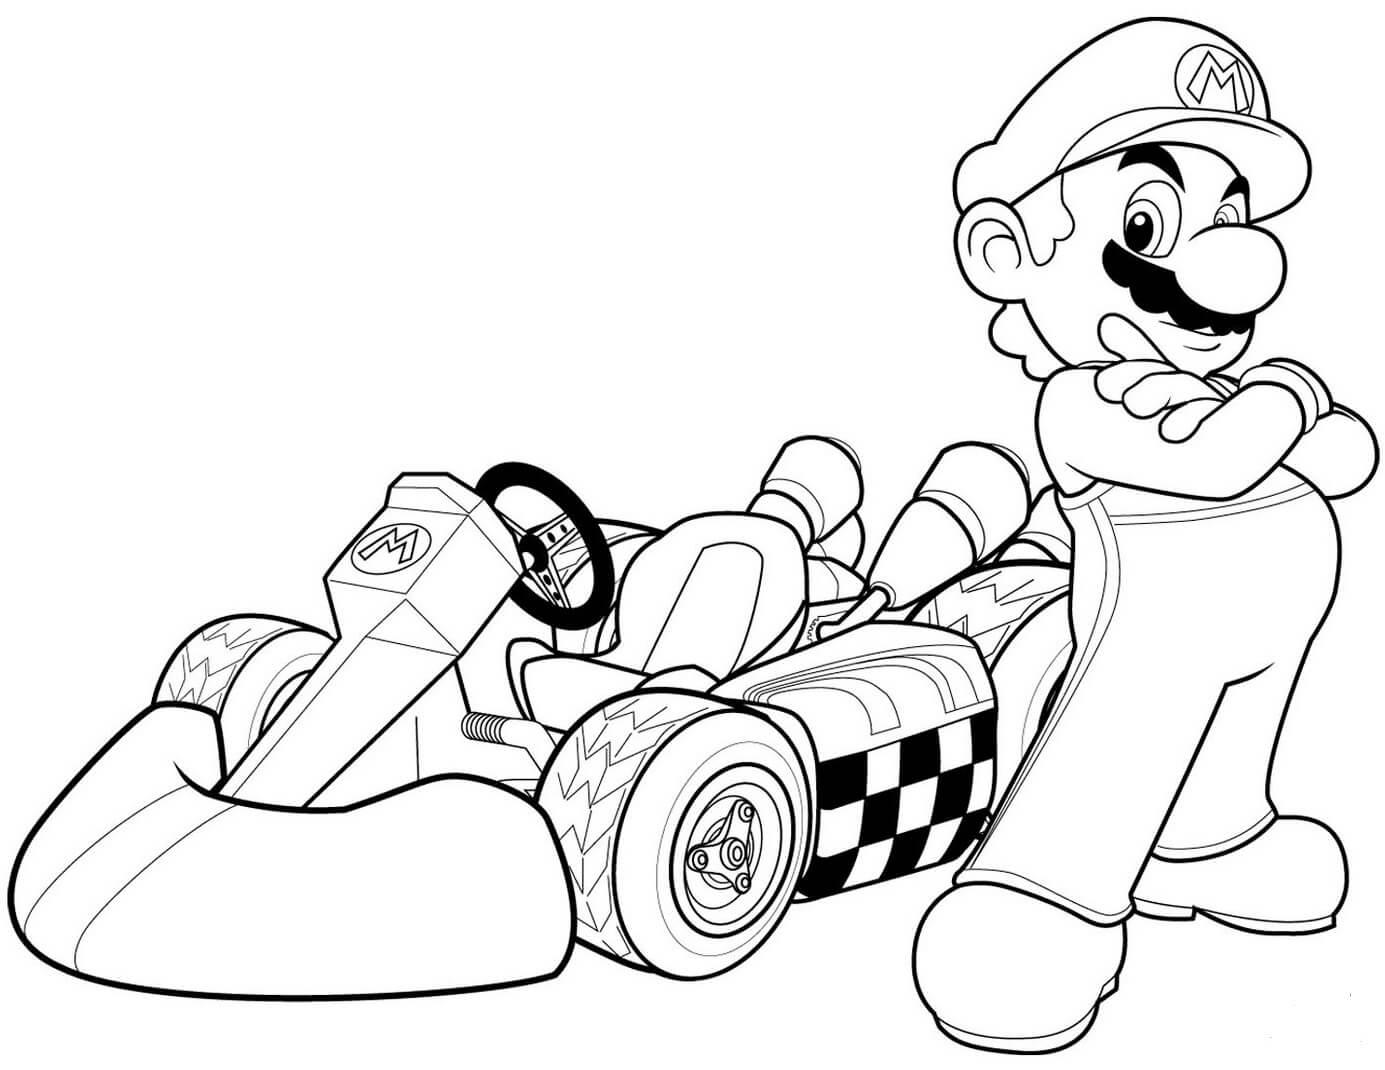 Desenhos de Niño De Carreras, Mario para colorir